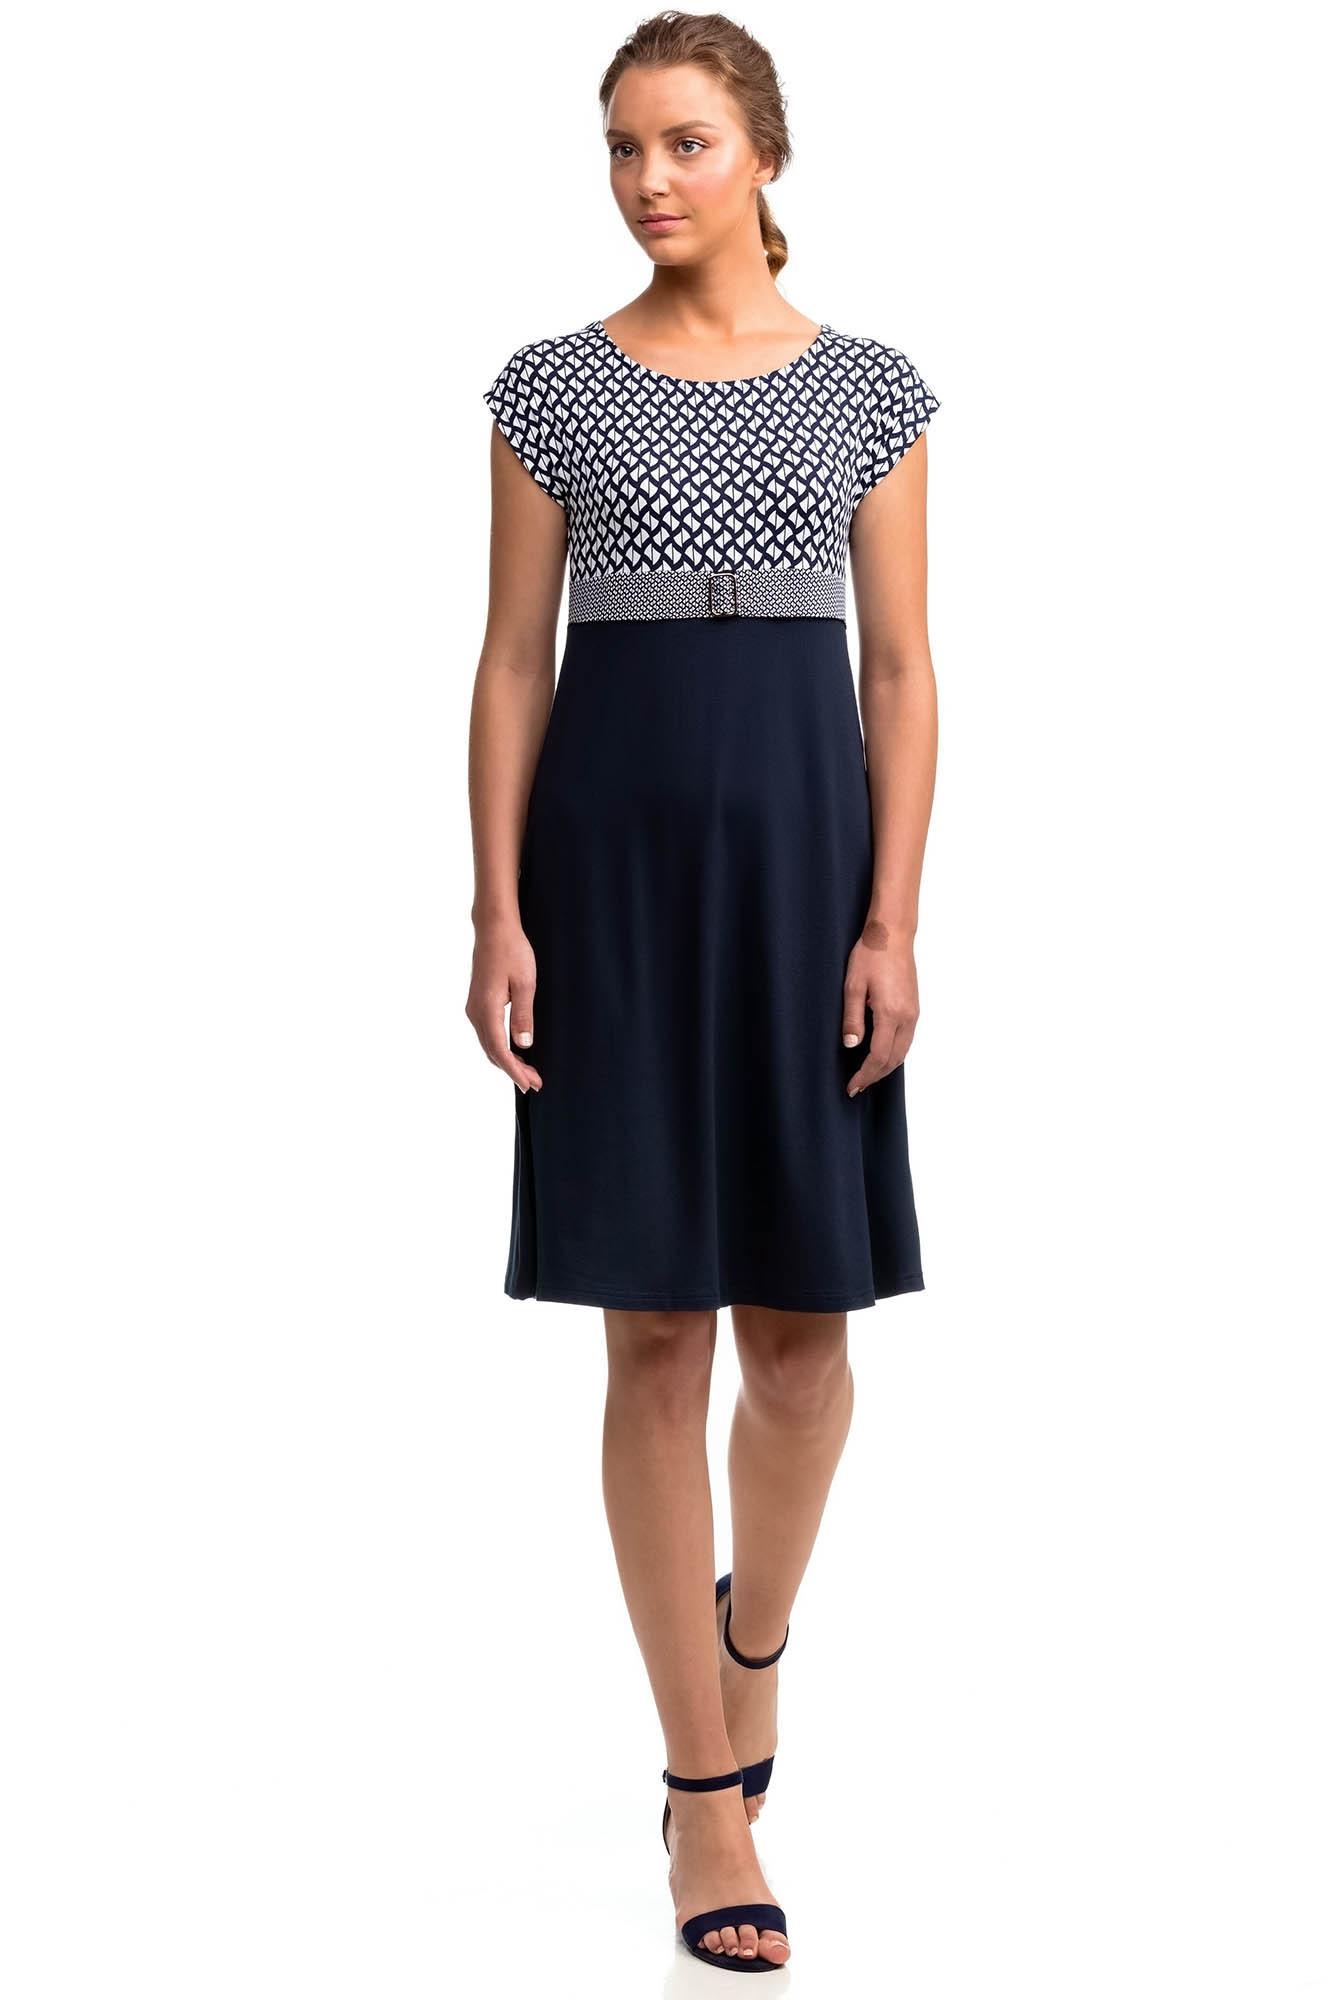 Vamp - Elegantní vzorované dámské šaty BLUE XL 14452 - Vamp